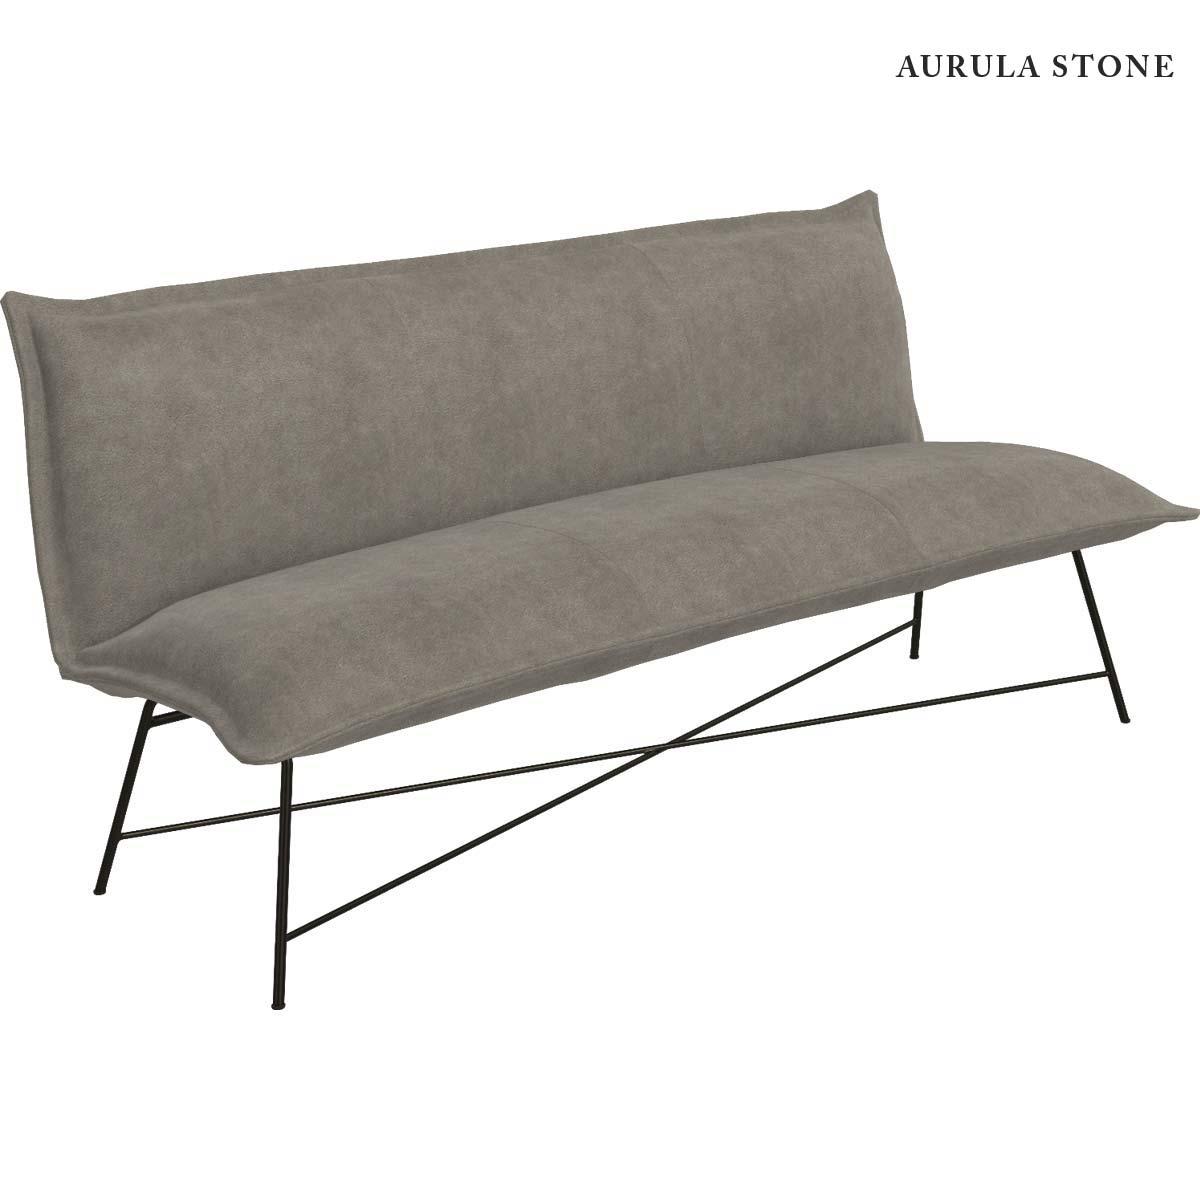 jess-design-essbank-vidar-aurula-stone-lichtraum24-01